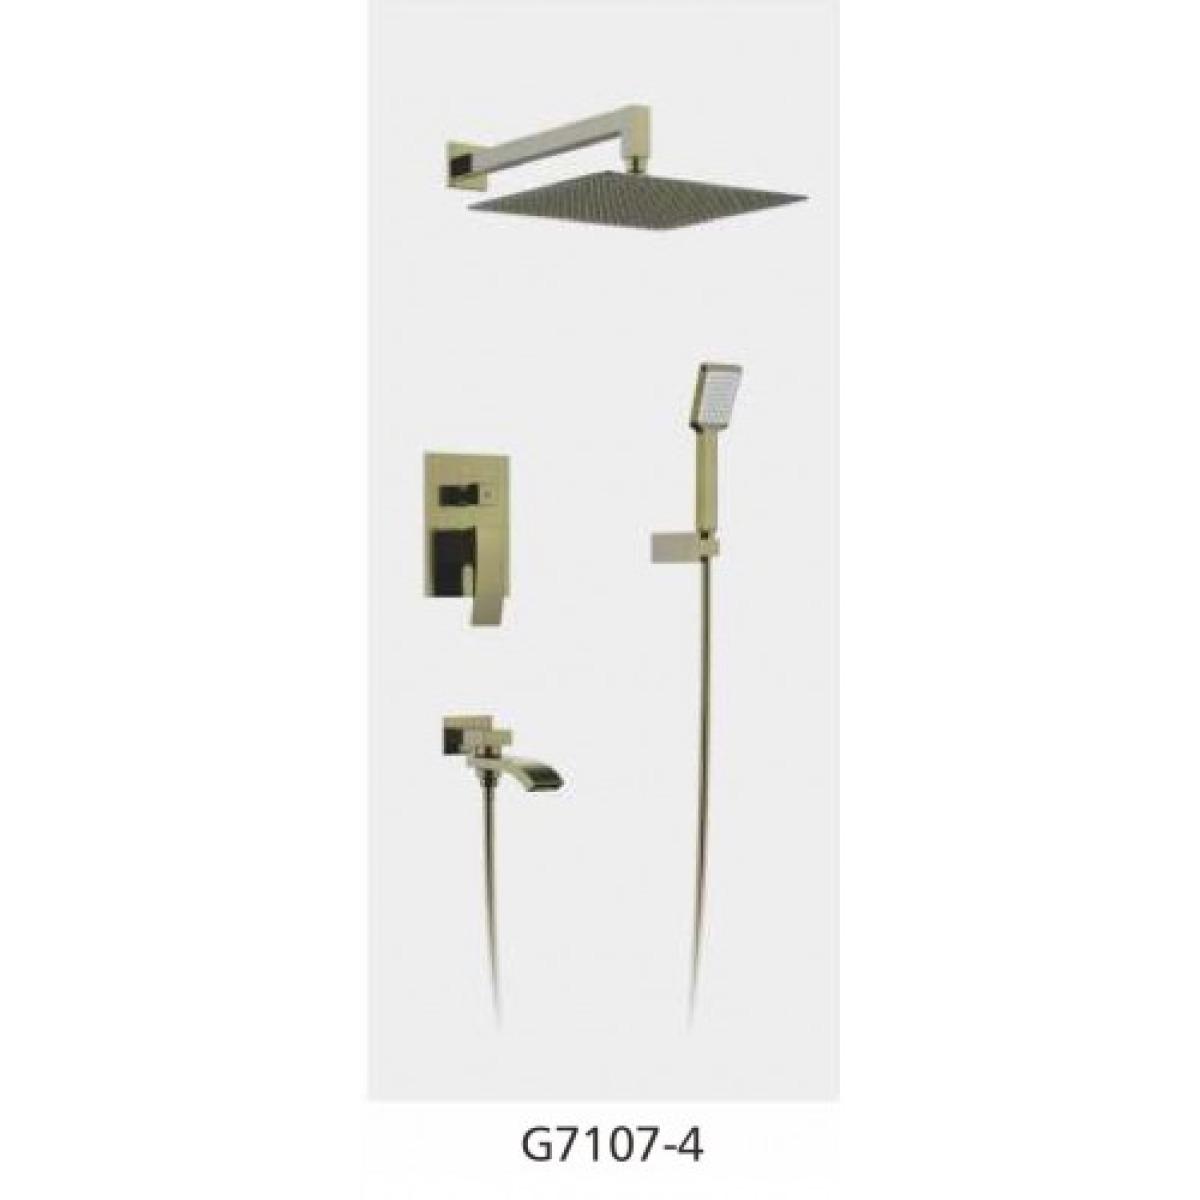 Встроенный смеситель для ванны с 3-функциями излив является переключателем на лейку бронза gappo g7107-4